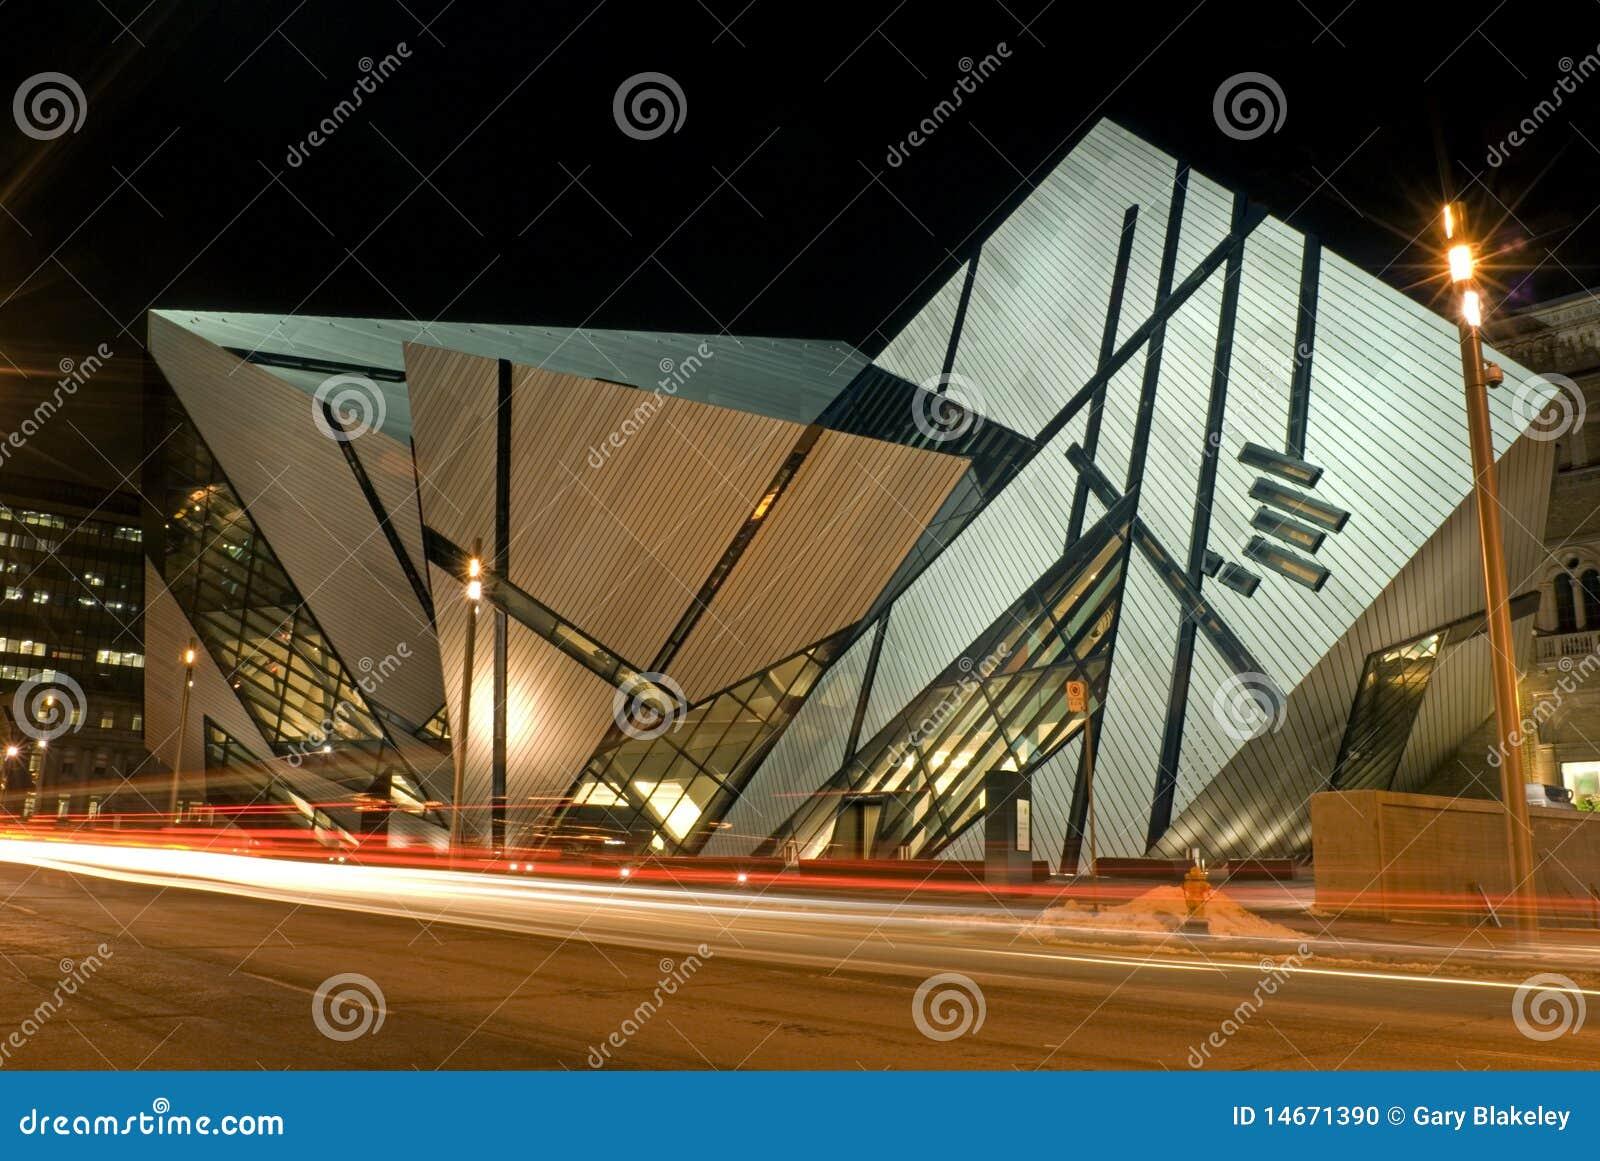 博物馆安大略皇家多伦多